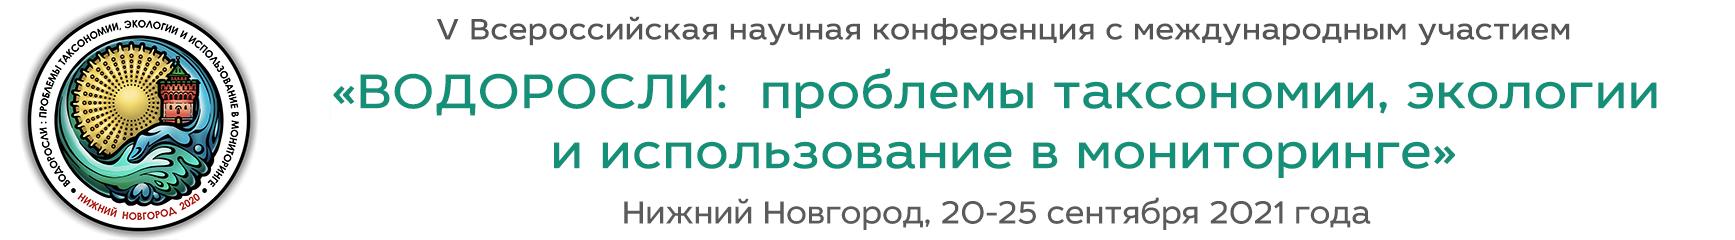 """V Всероссийская научная конференция с международным участием """"Водоросли: проблемы таксономии, экологии и использование в мониторинге"""""""